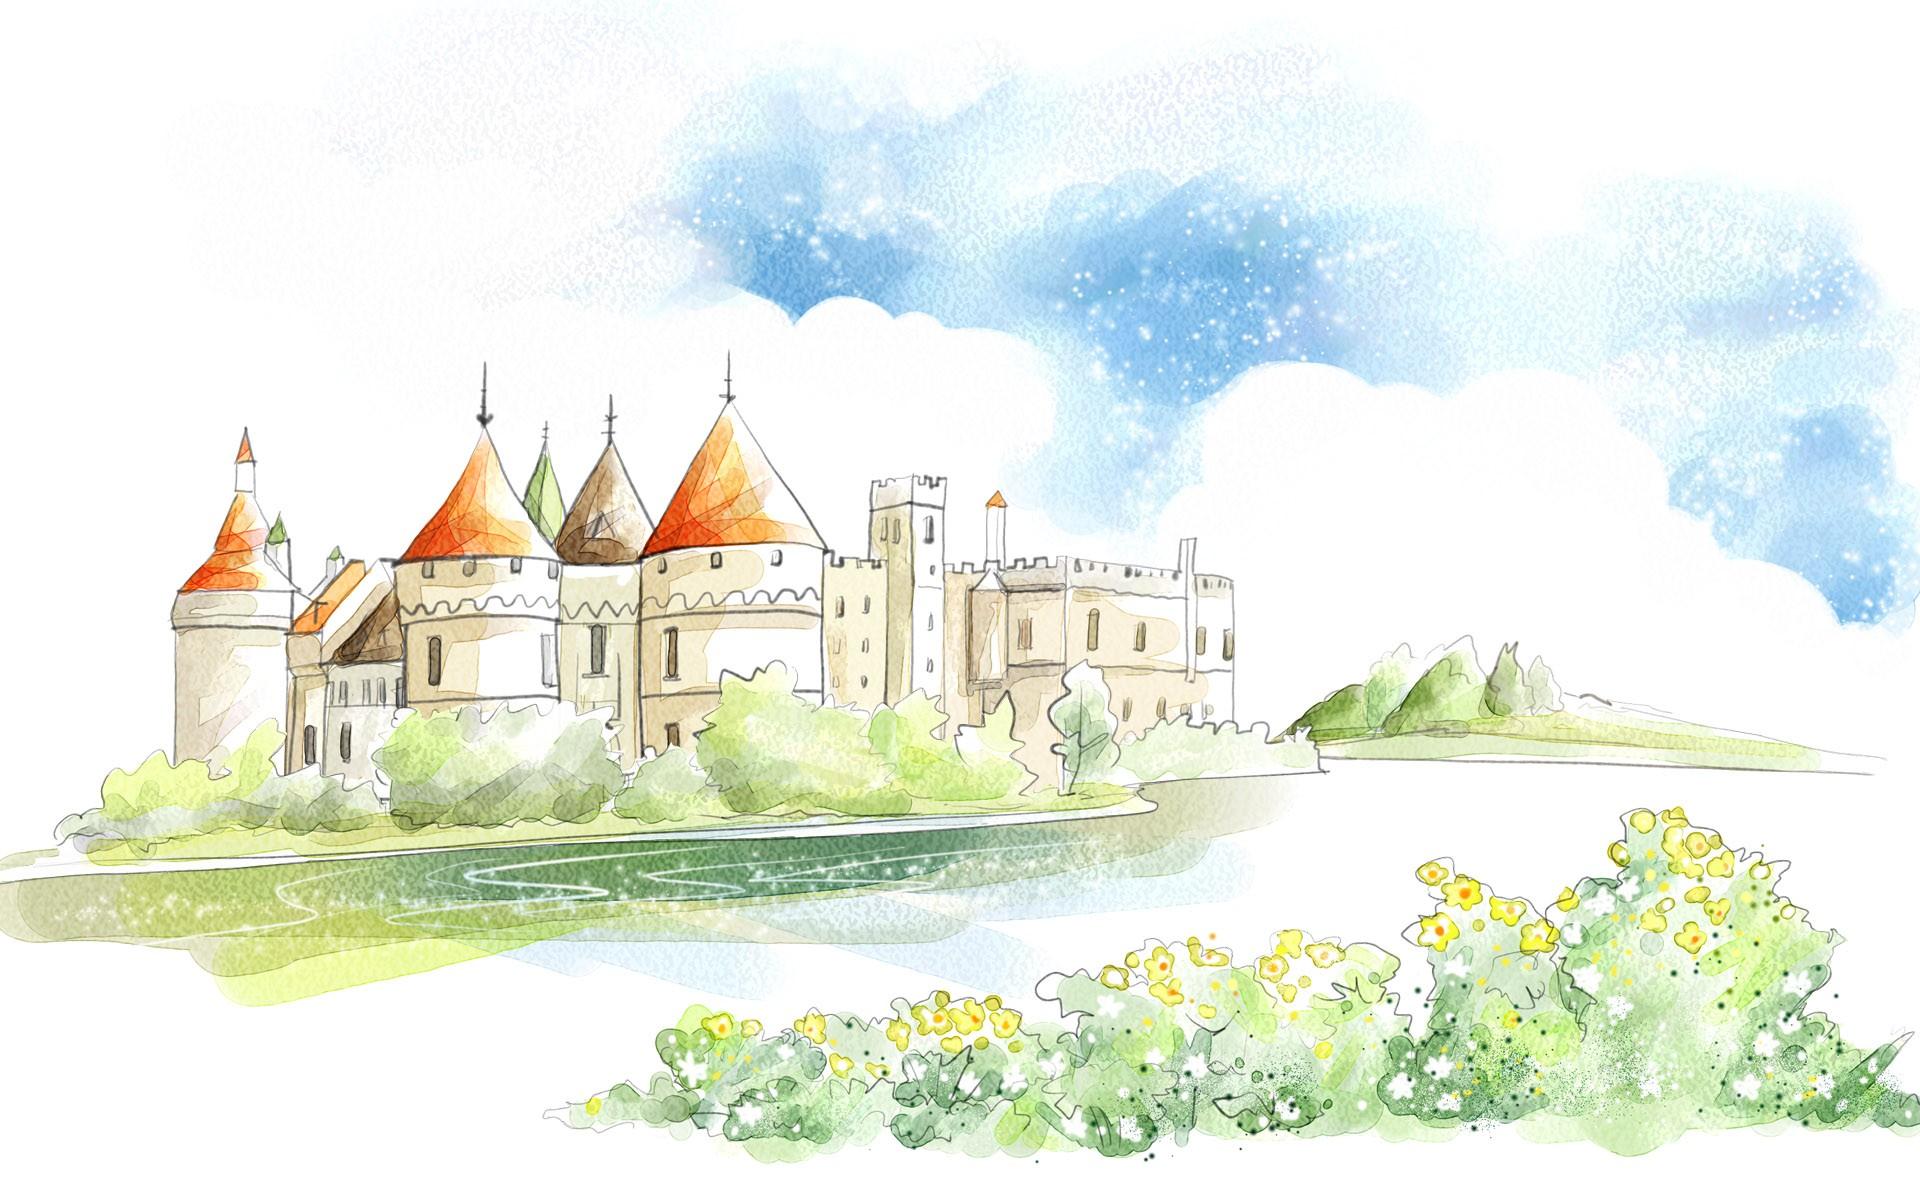 Drawn wallpaper castle Widescreen 1200 NET Wide Drawing